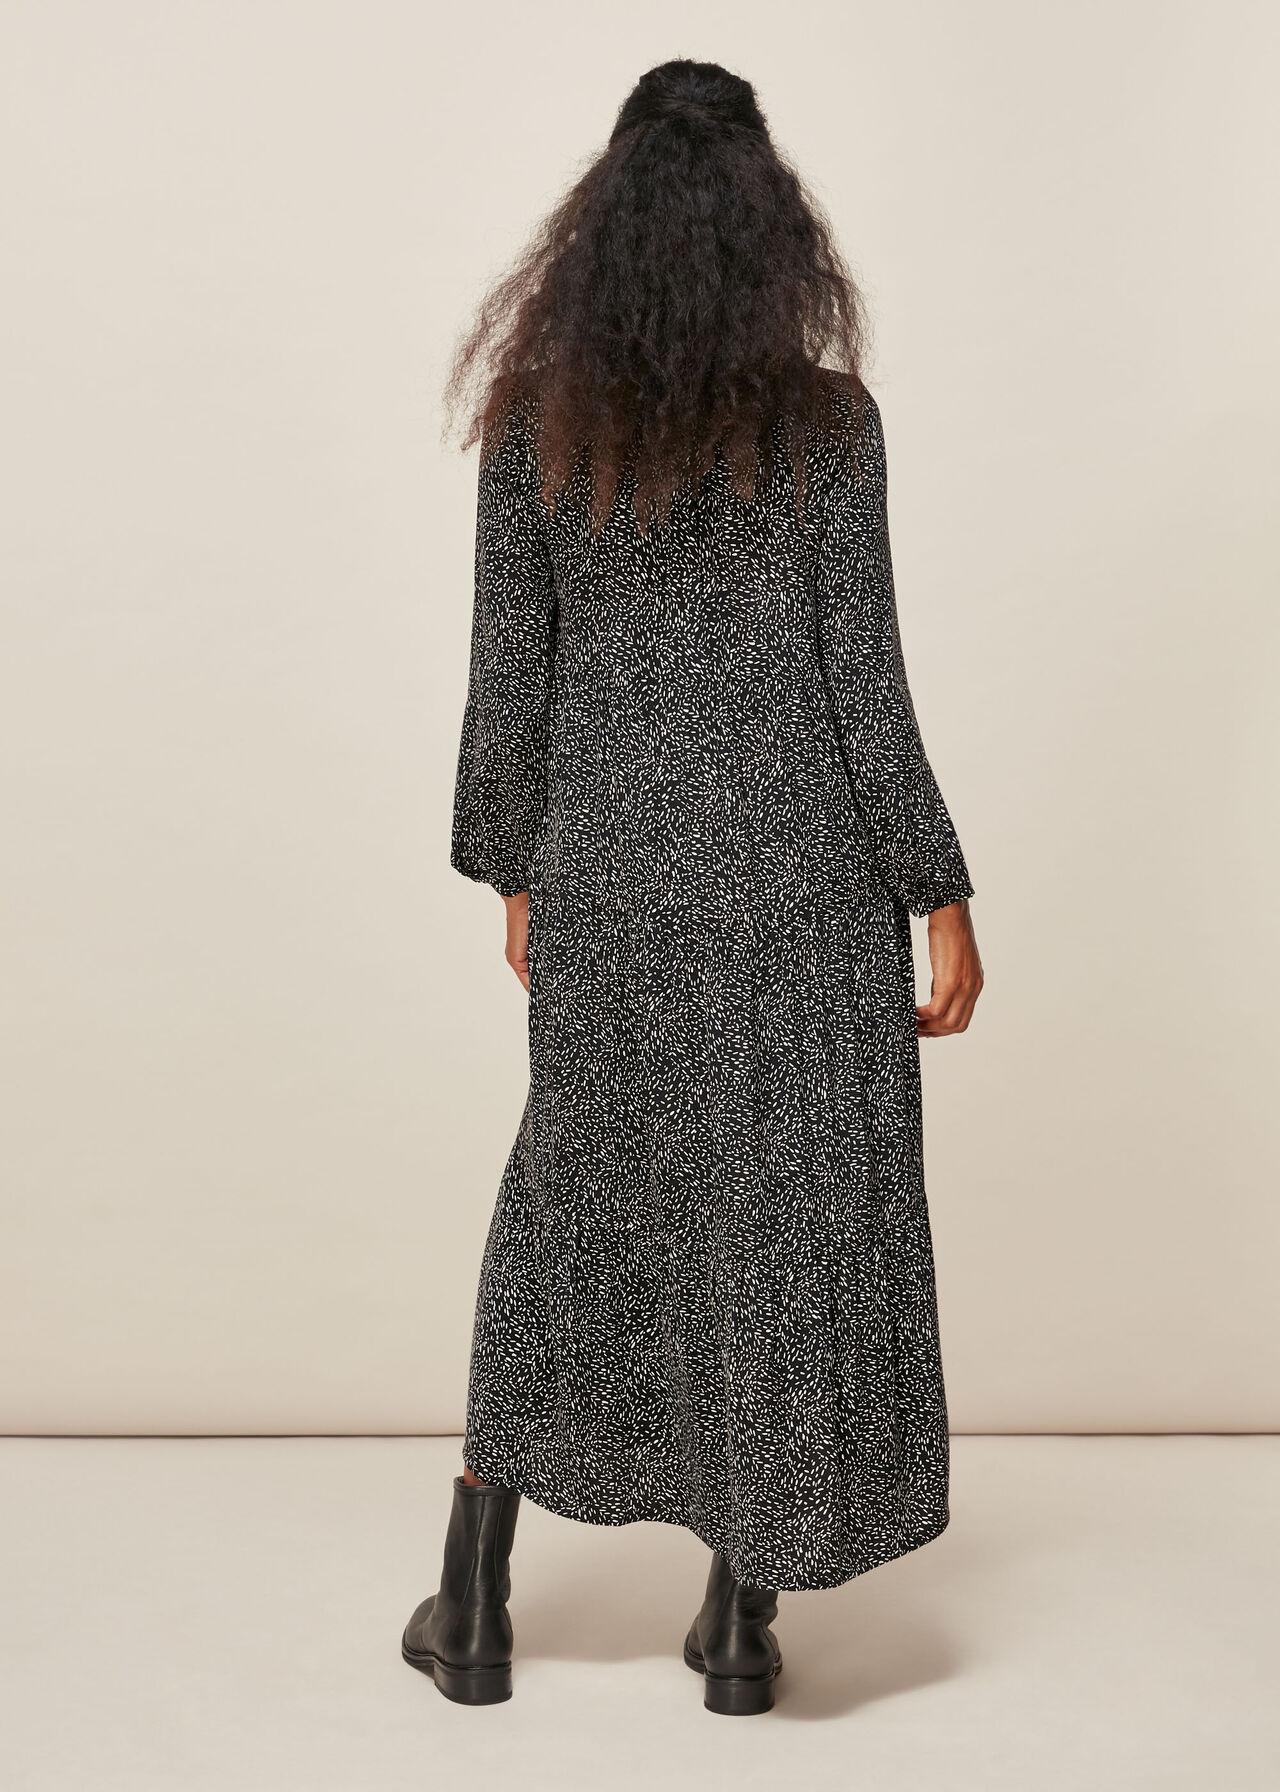 Freckle Print Enora Dress